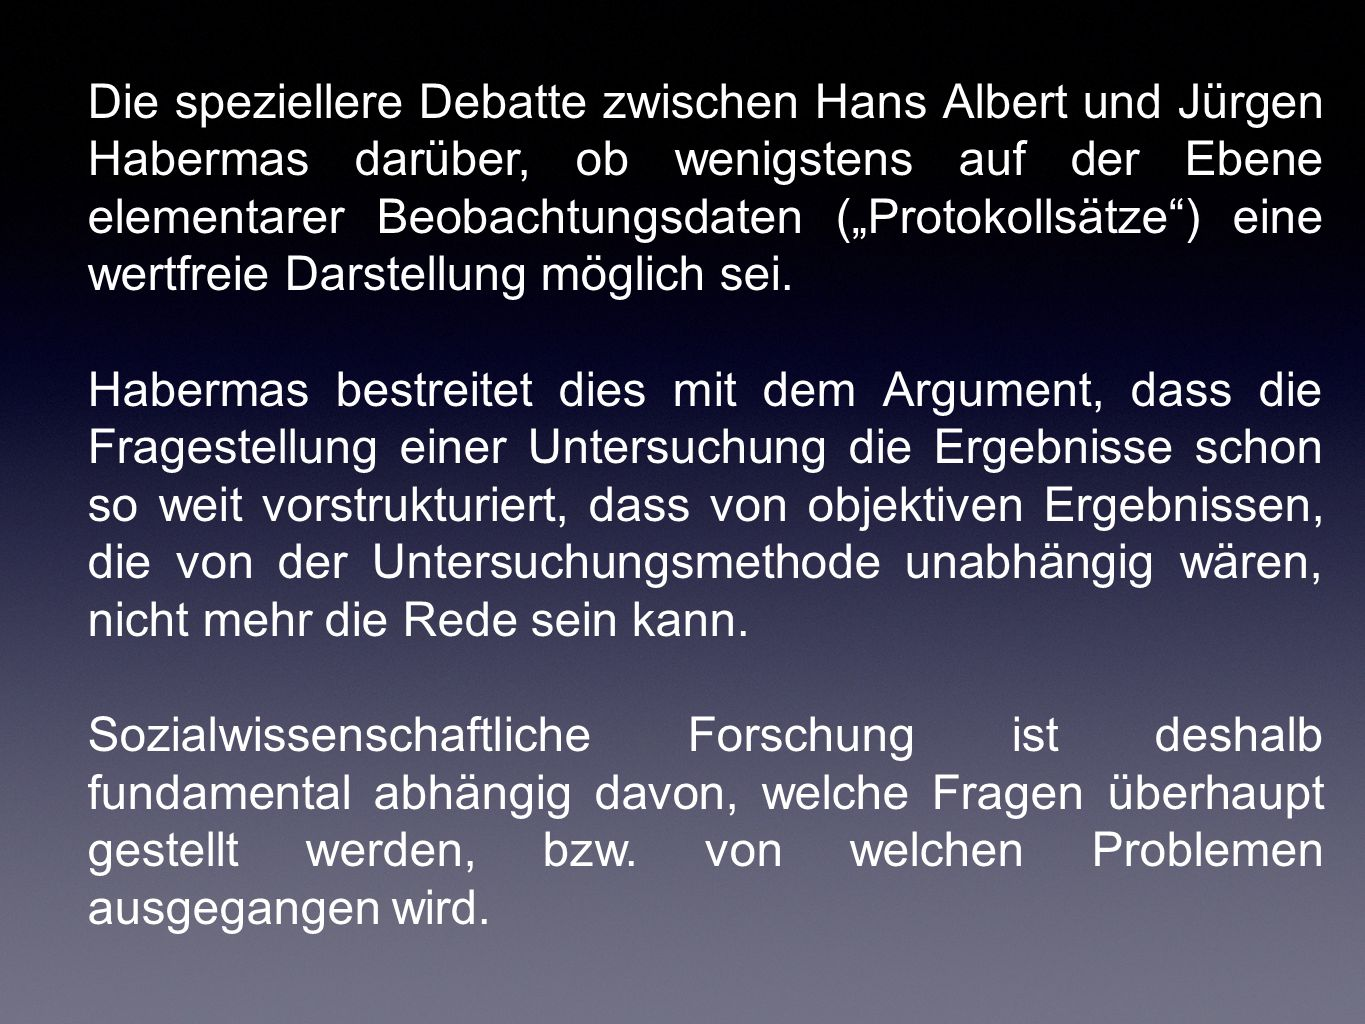 Erkenntnis und Interesse (Habermas) Wenn die Fragestellung und die Ergebnisse von Forschung immer von der zugrundegelegten Methode und Fragestellung abhängen, reicht es nicht, Theorien anhand von empirischer Forschung zu überprüfen.